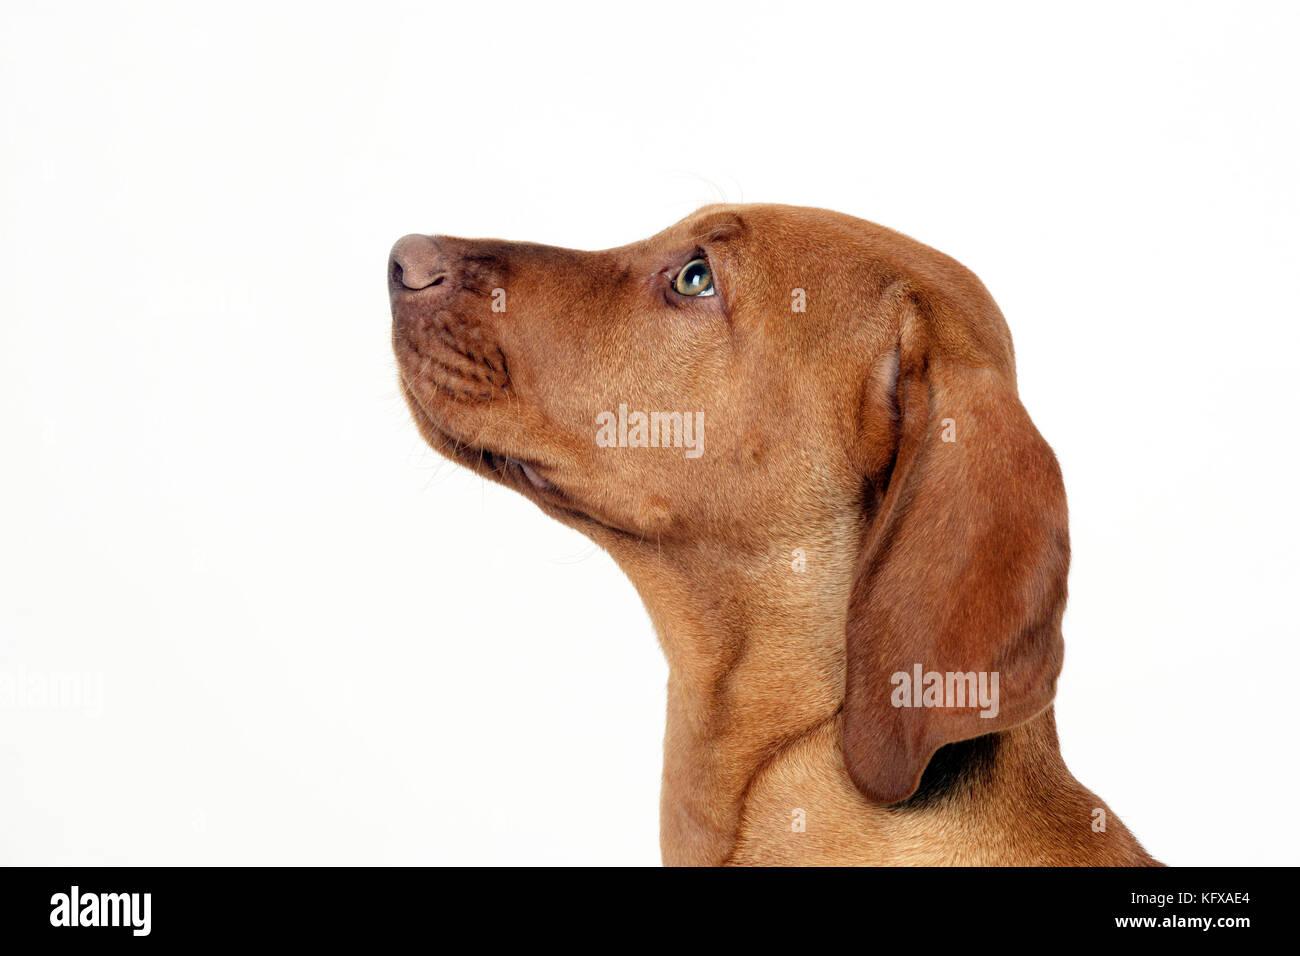 Cane - vizsla ungherese cucciolo (colpo alla testa) Immagini Stock